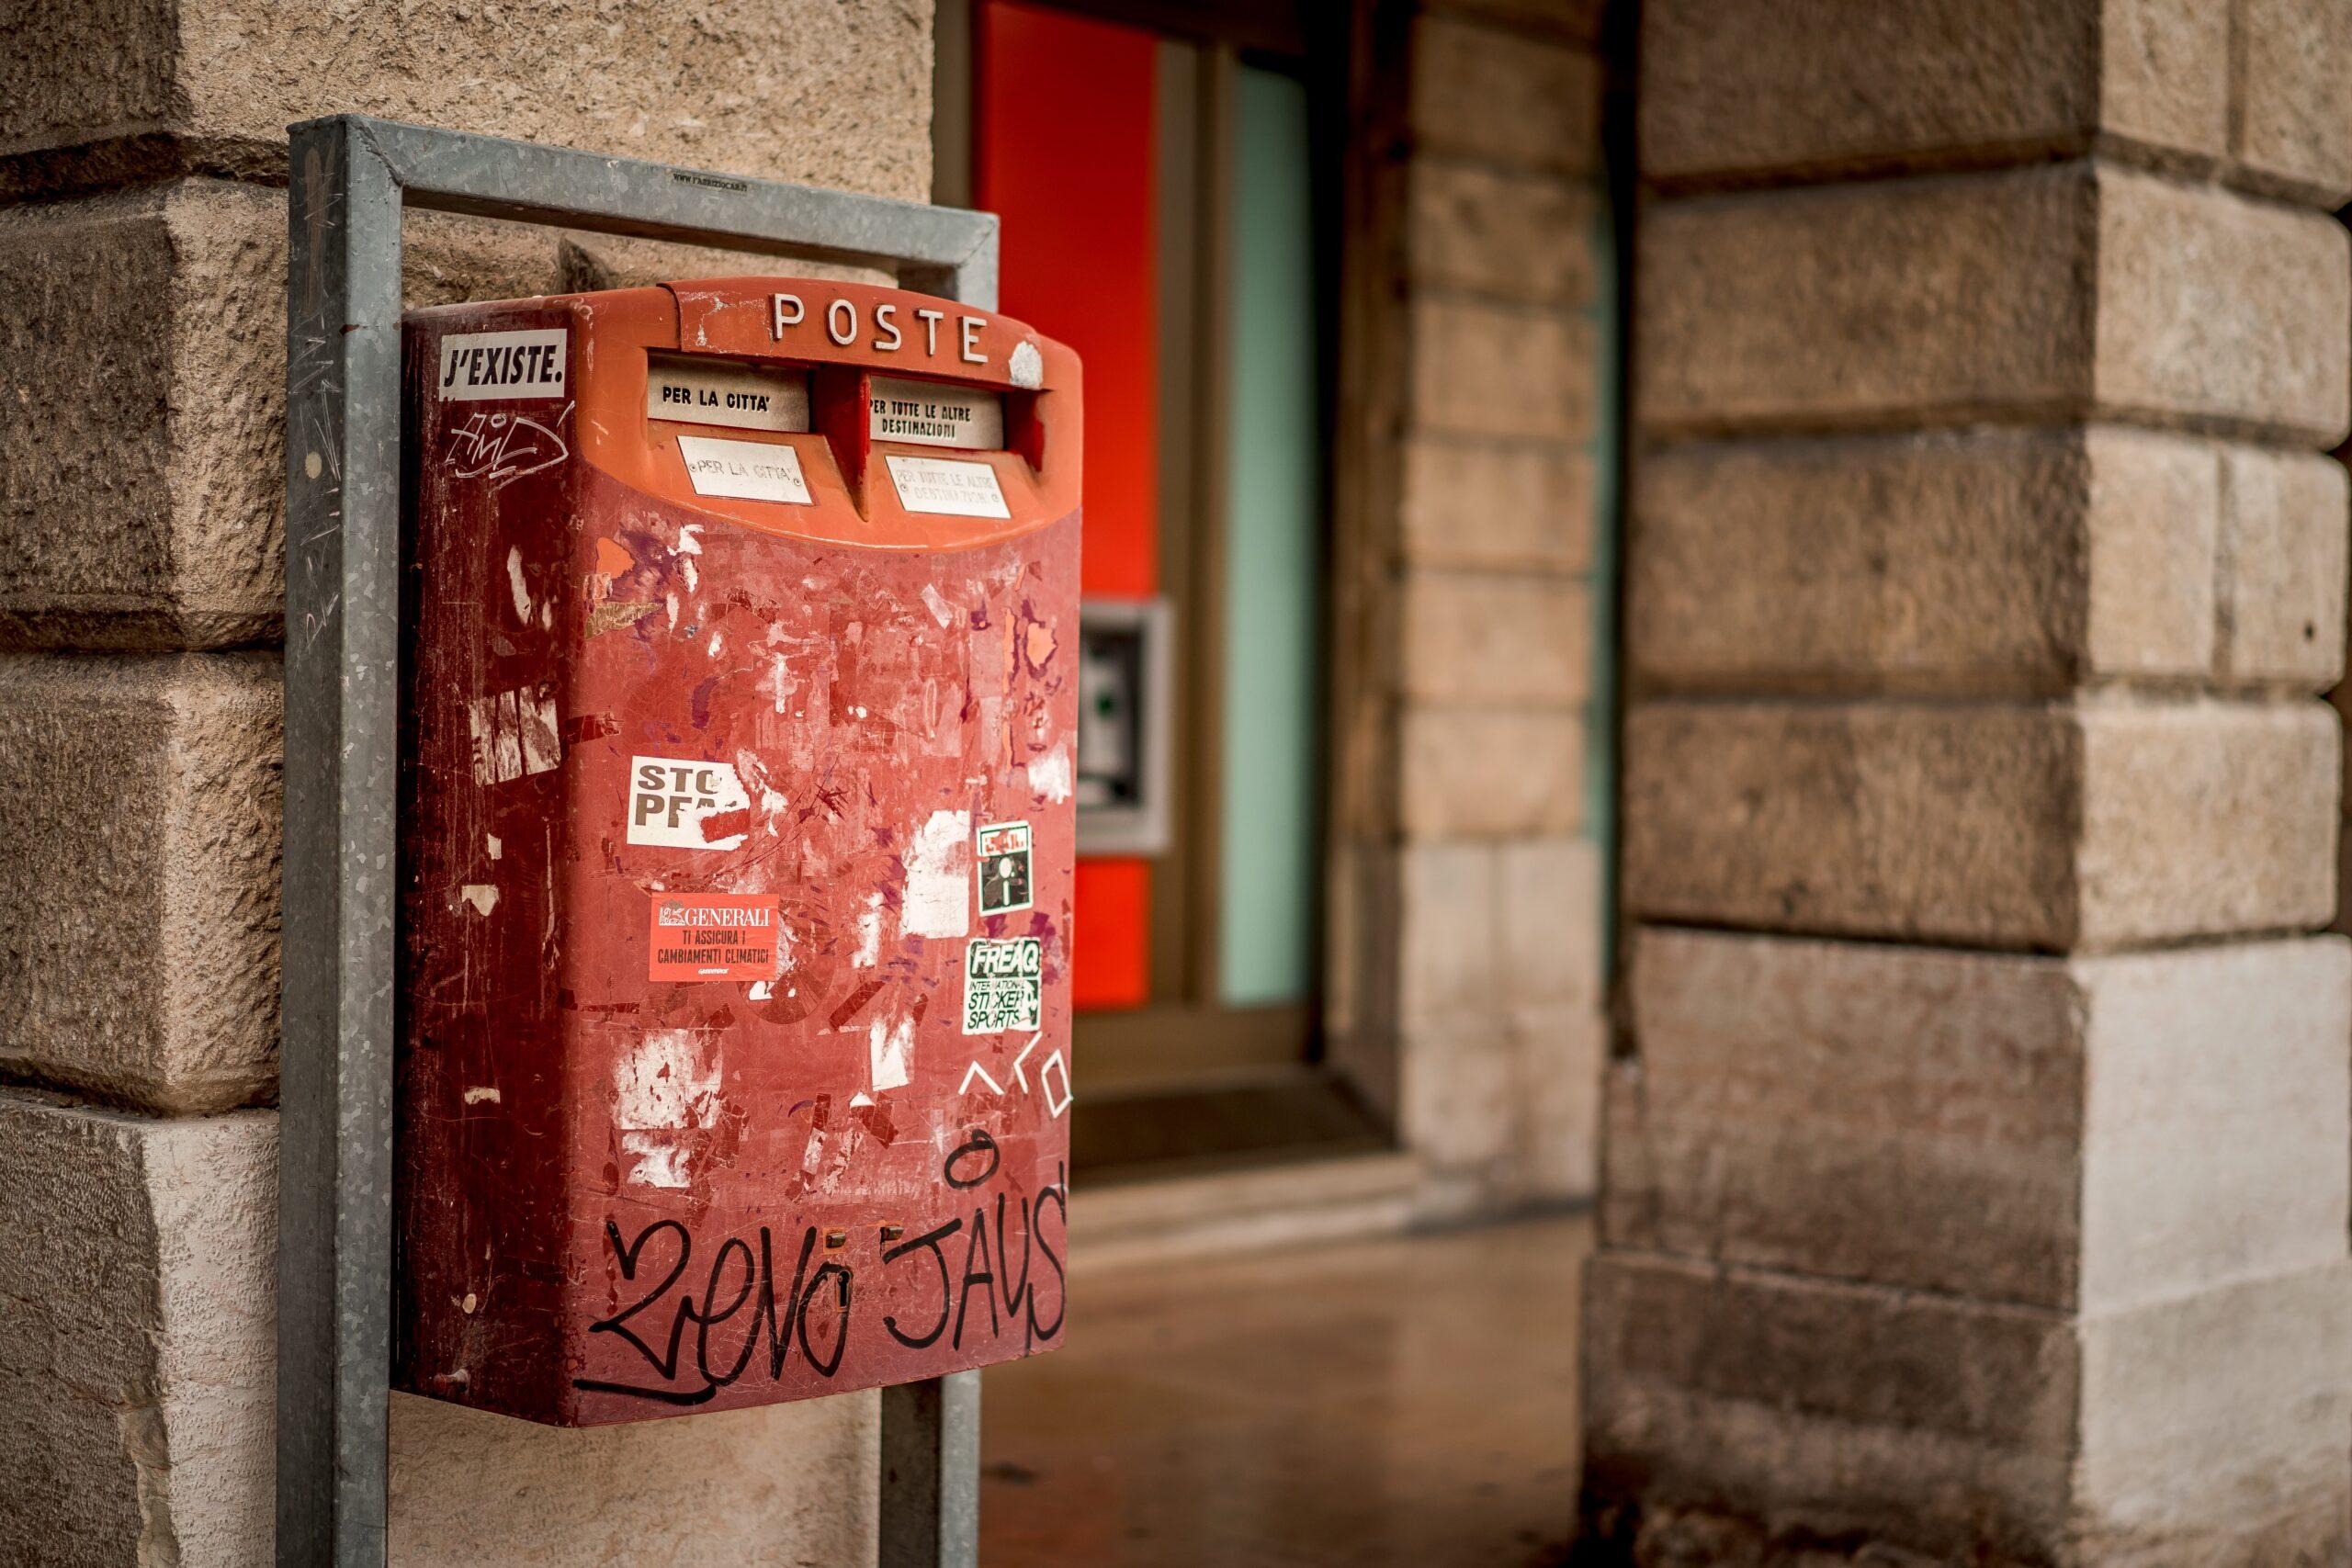 Die 15 grössten Fehler im E-Mail-Marketing post box fehler im e mail marketing scaled